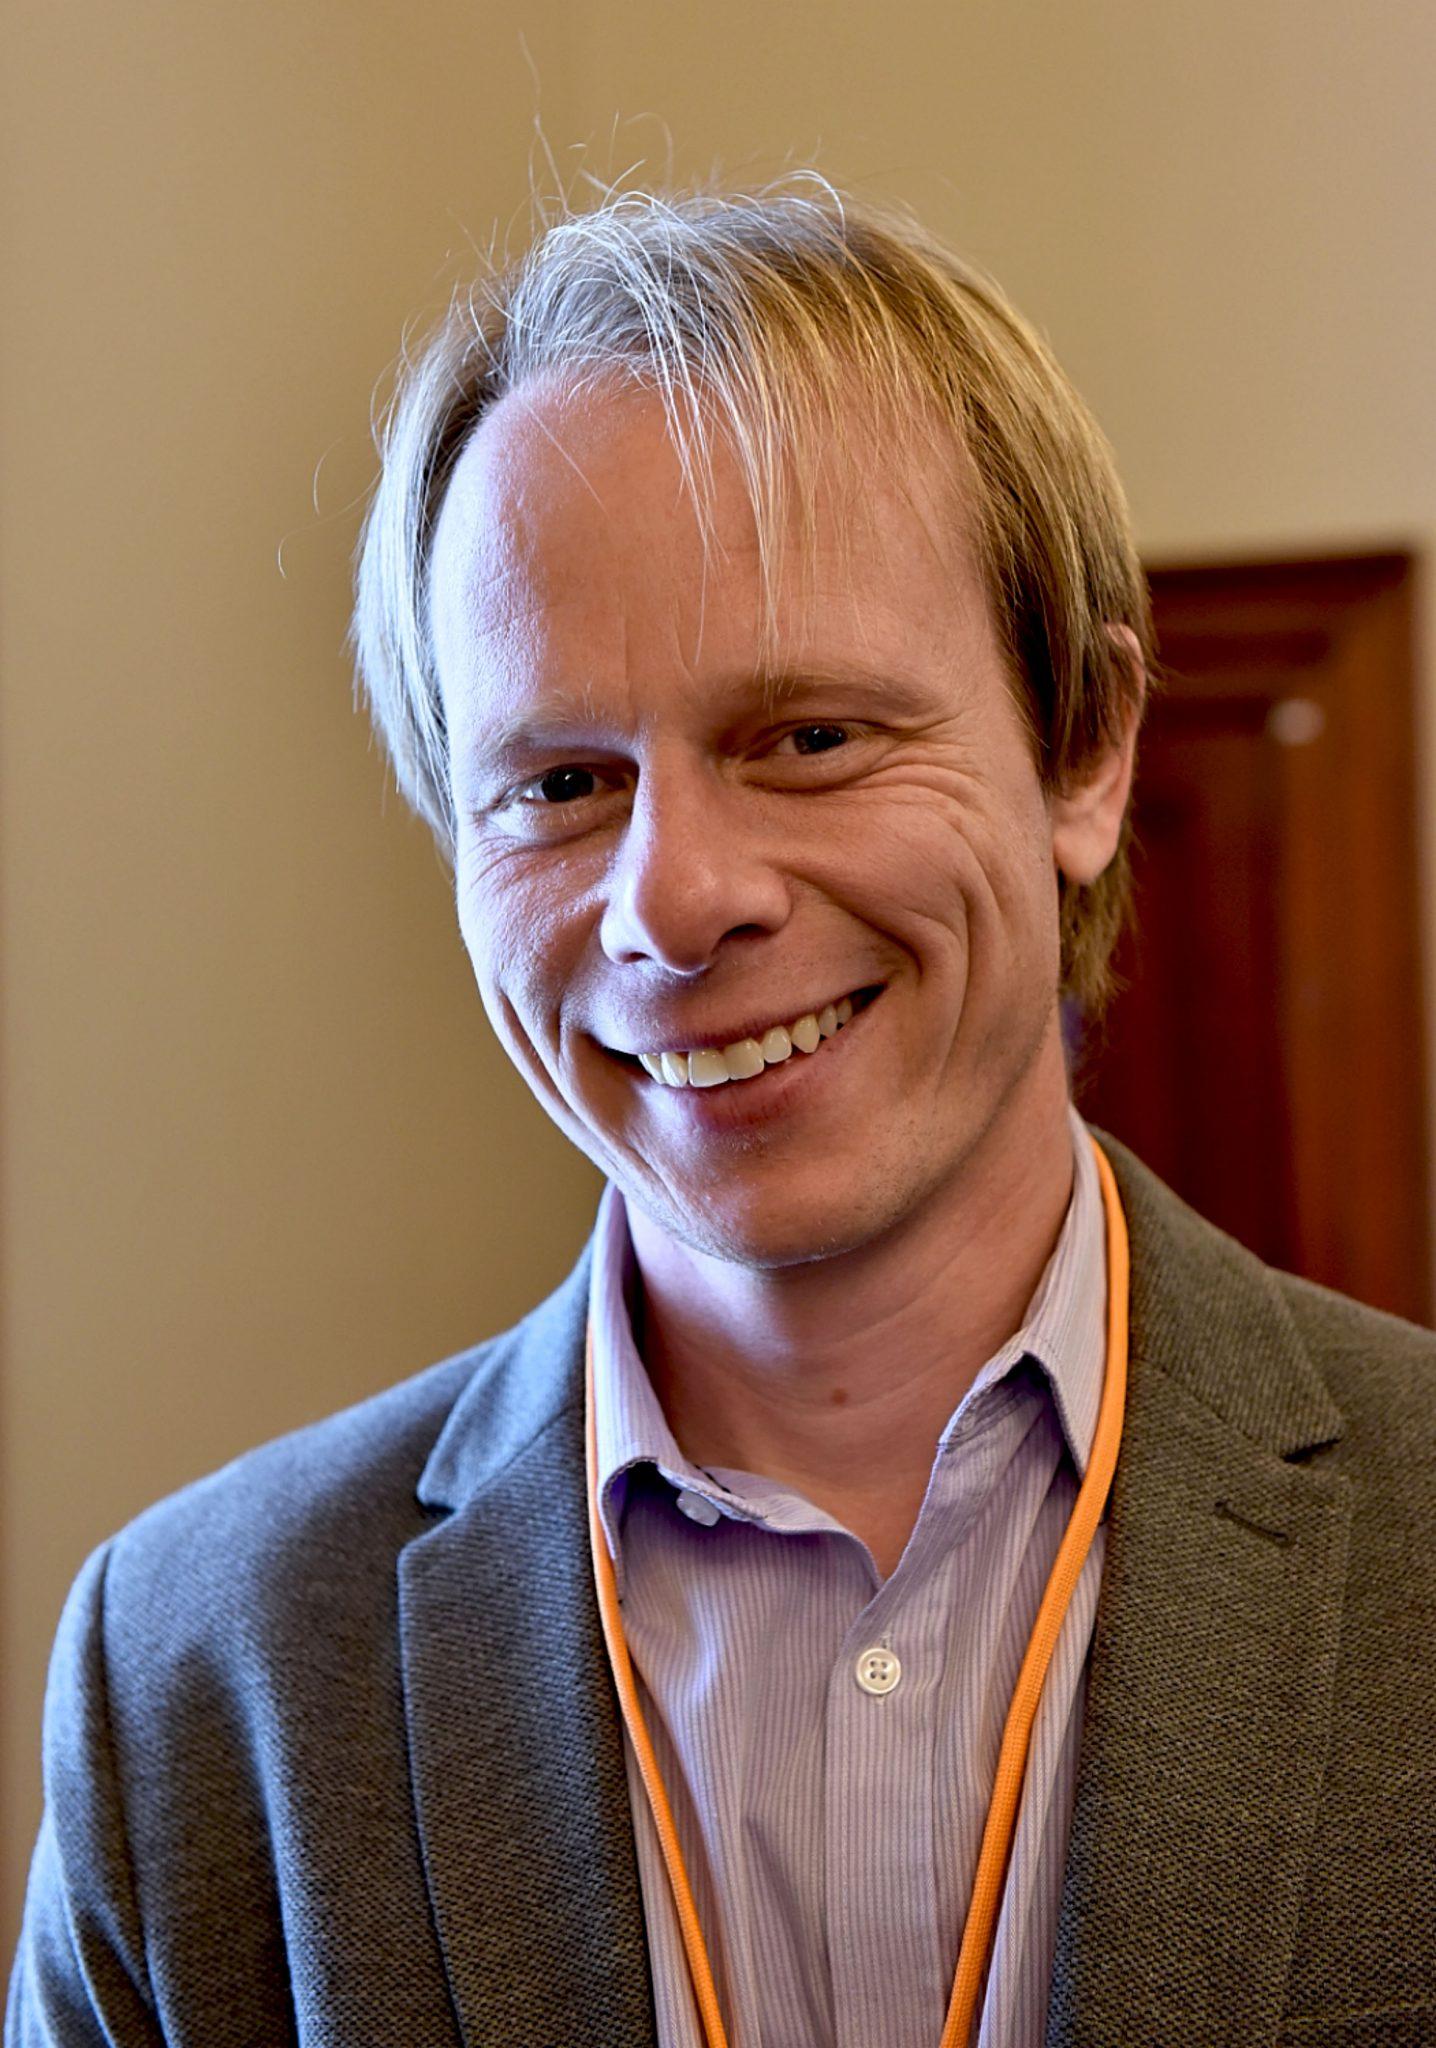 Nikolaus Rittinghausen